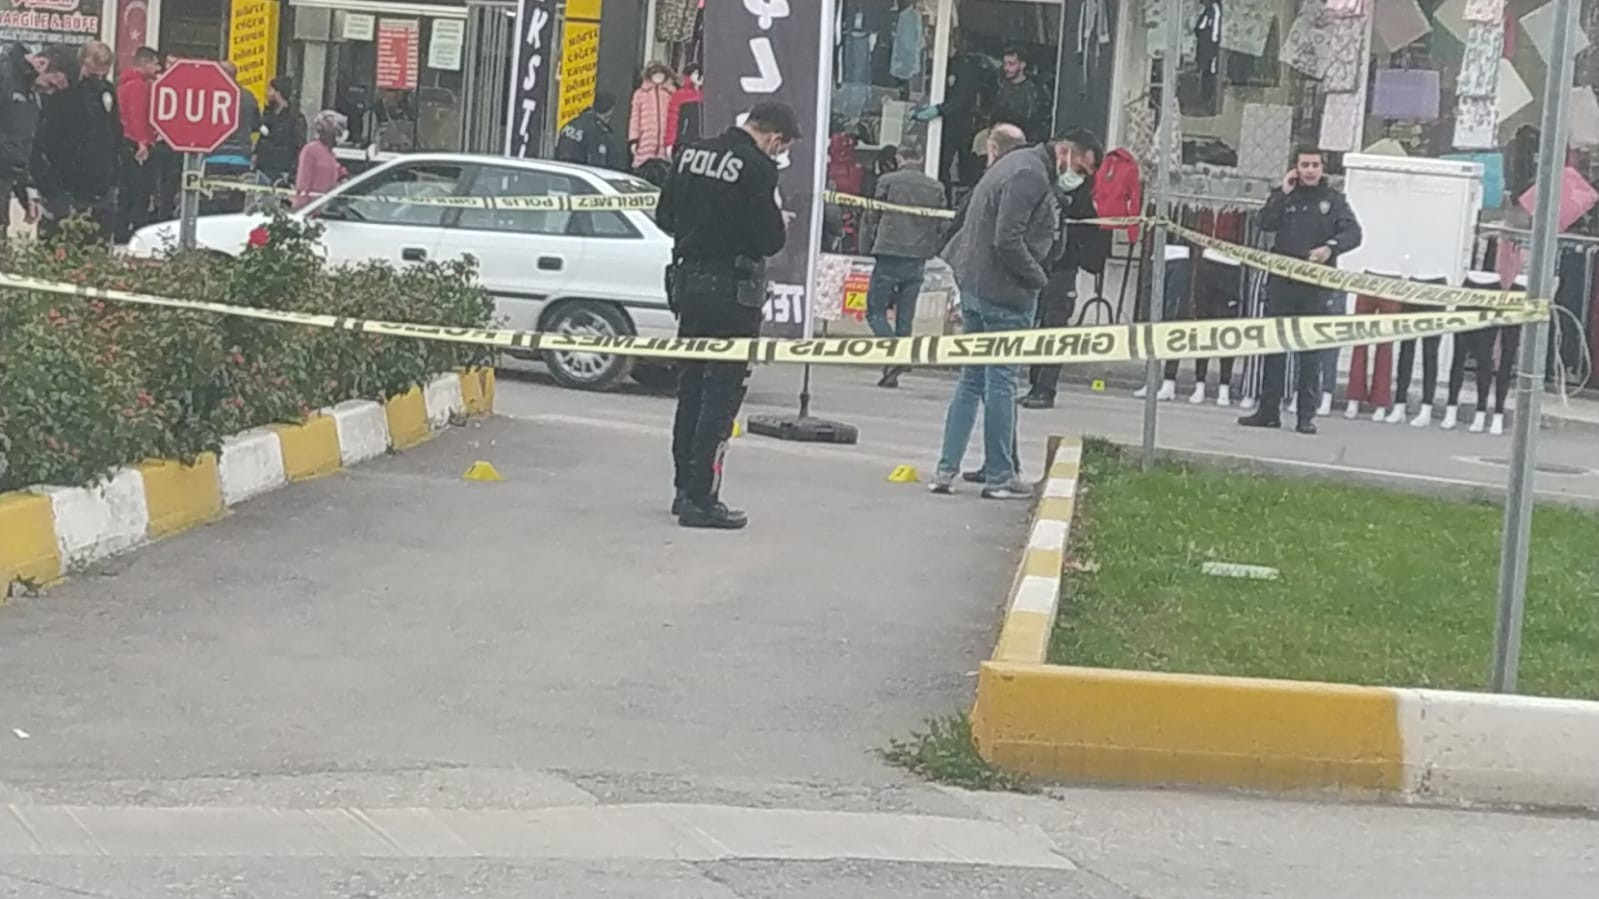 Cadde ortasında silahlı kavga: 1 yaralı, 4 gözaltı #corum